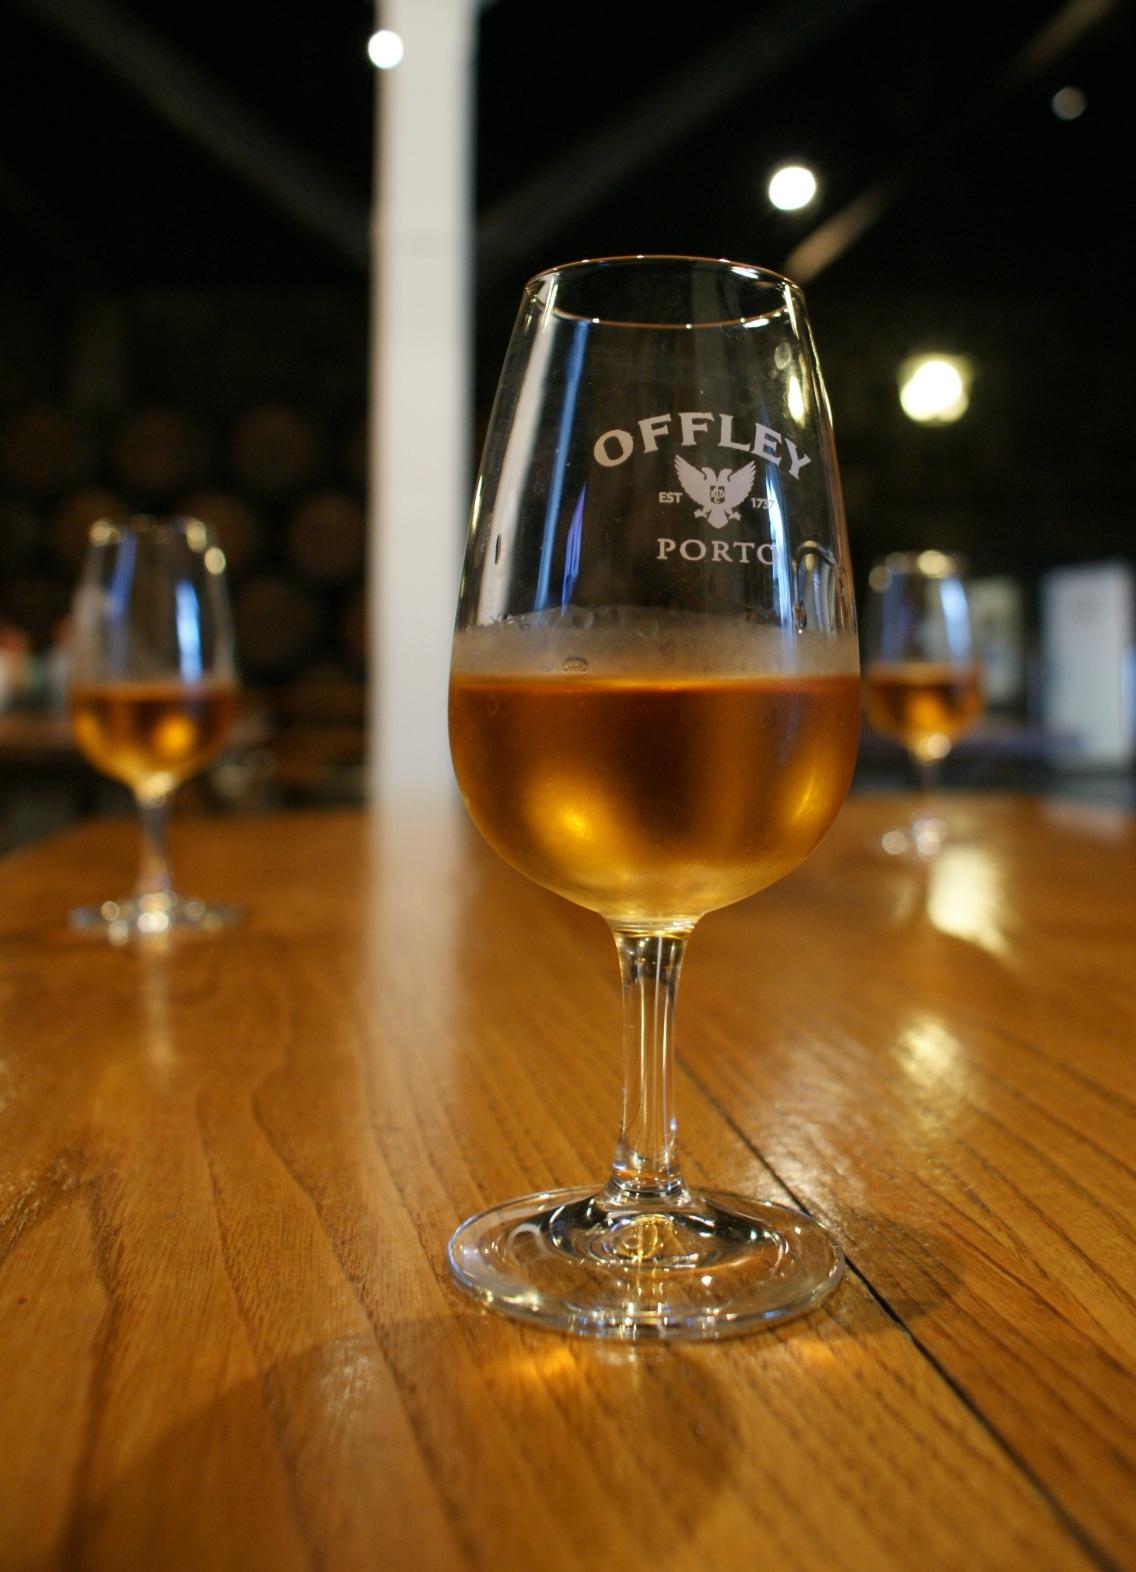 """degustacja białego Porto w winiarni """"Offley"""""""